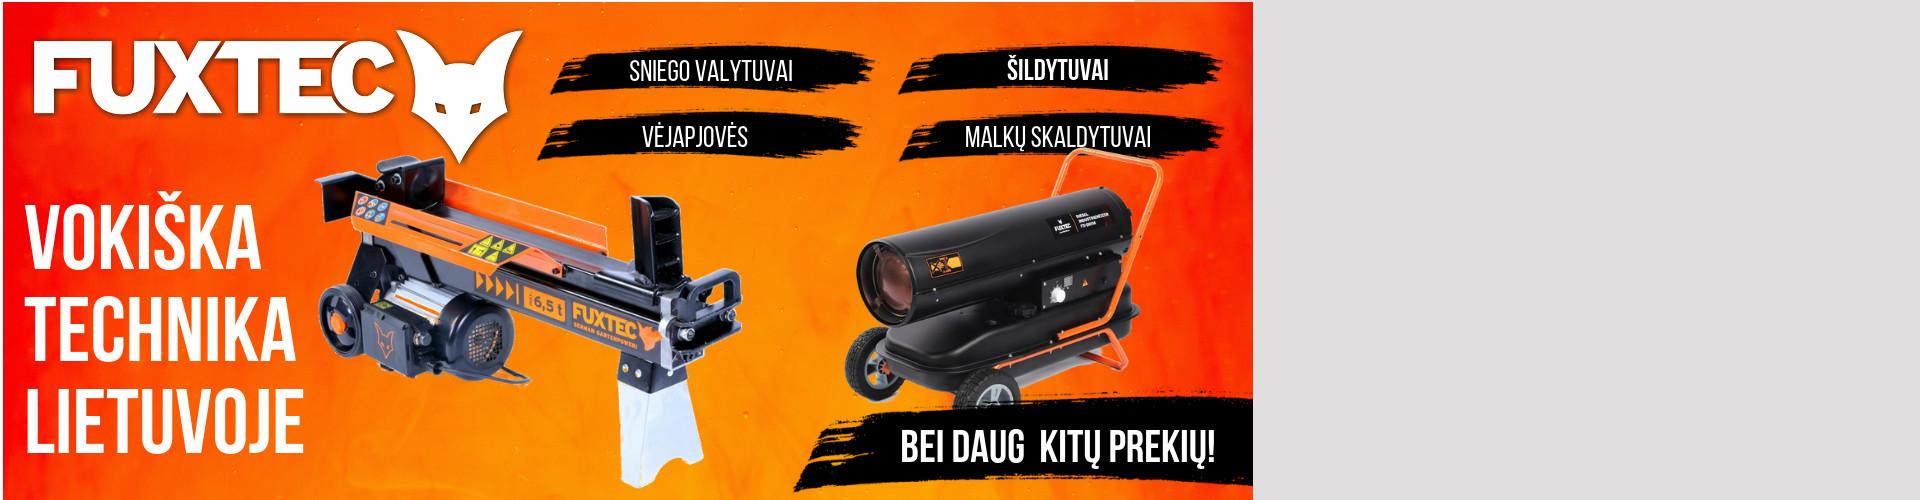 catalog/Fuxtec-reklama-1.jpg